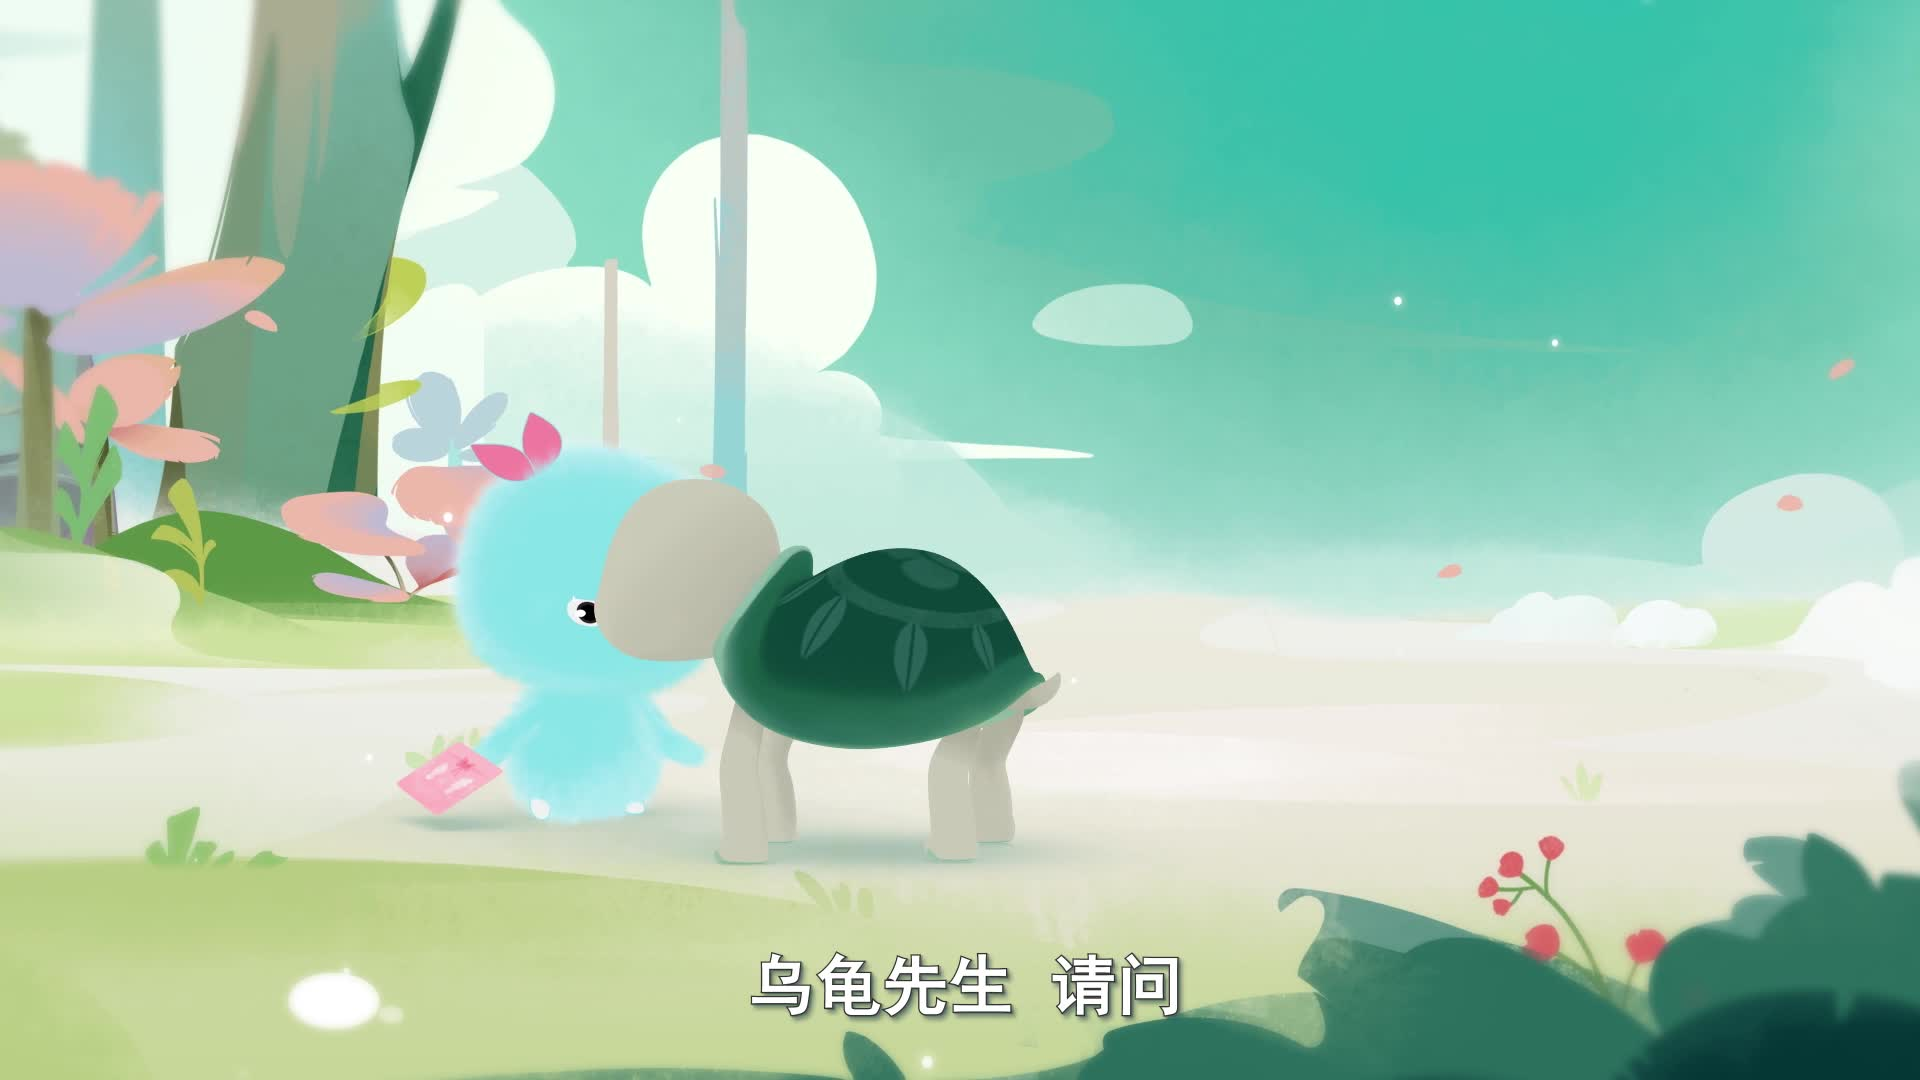 《小鸡彩虹》 第五季 19我能参加吗